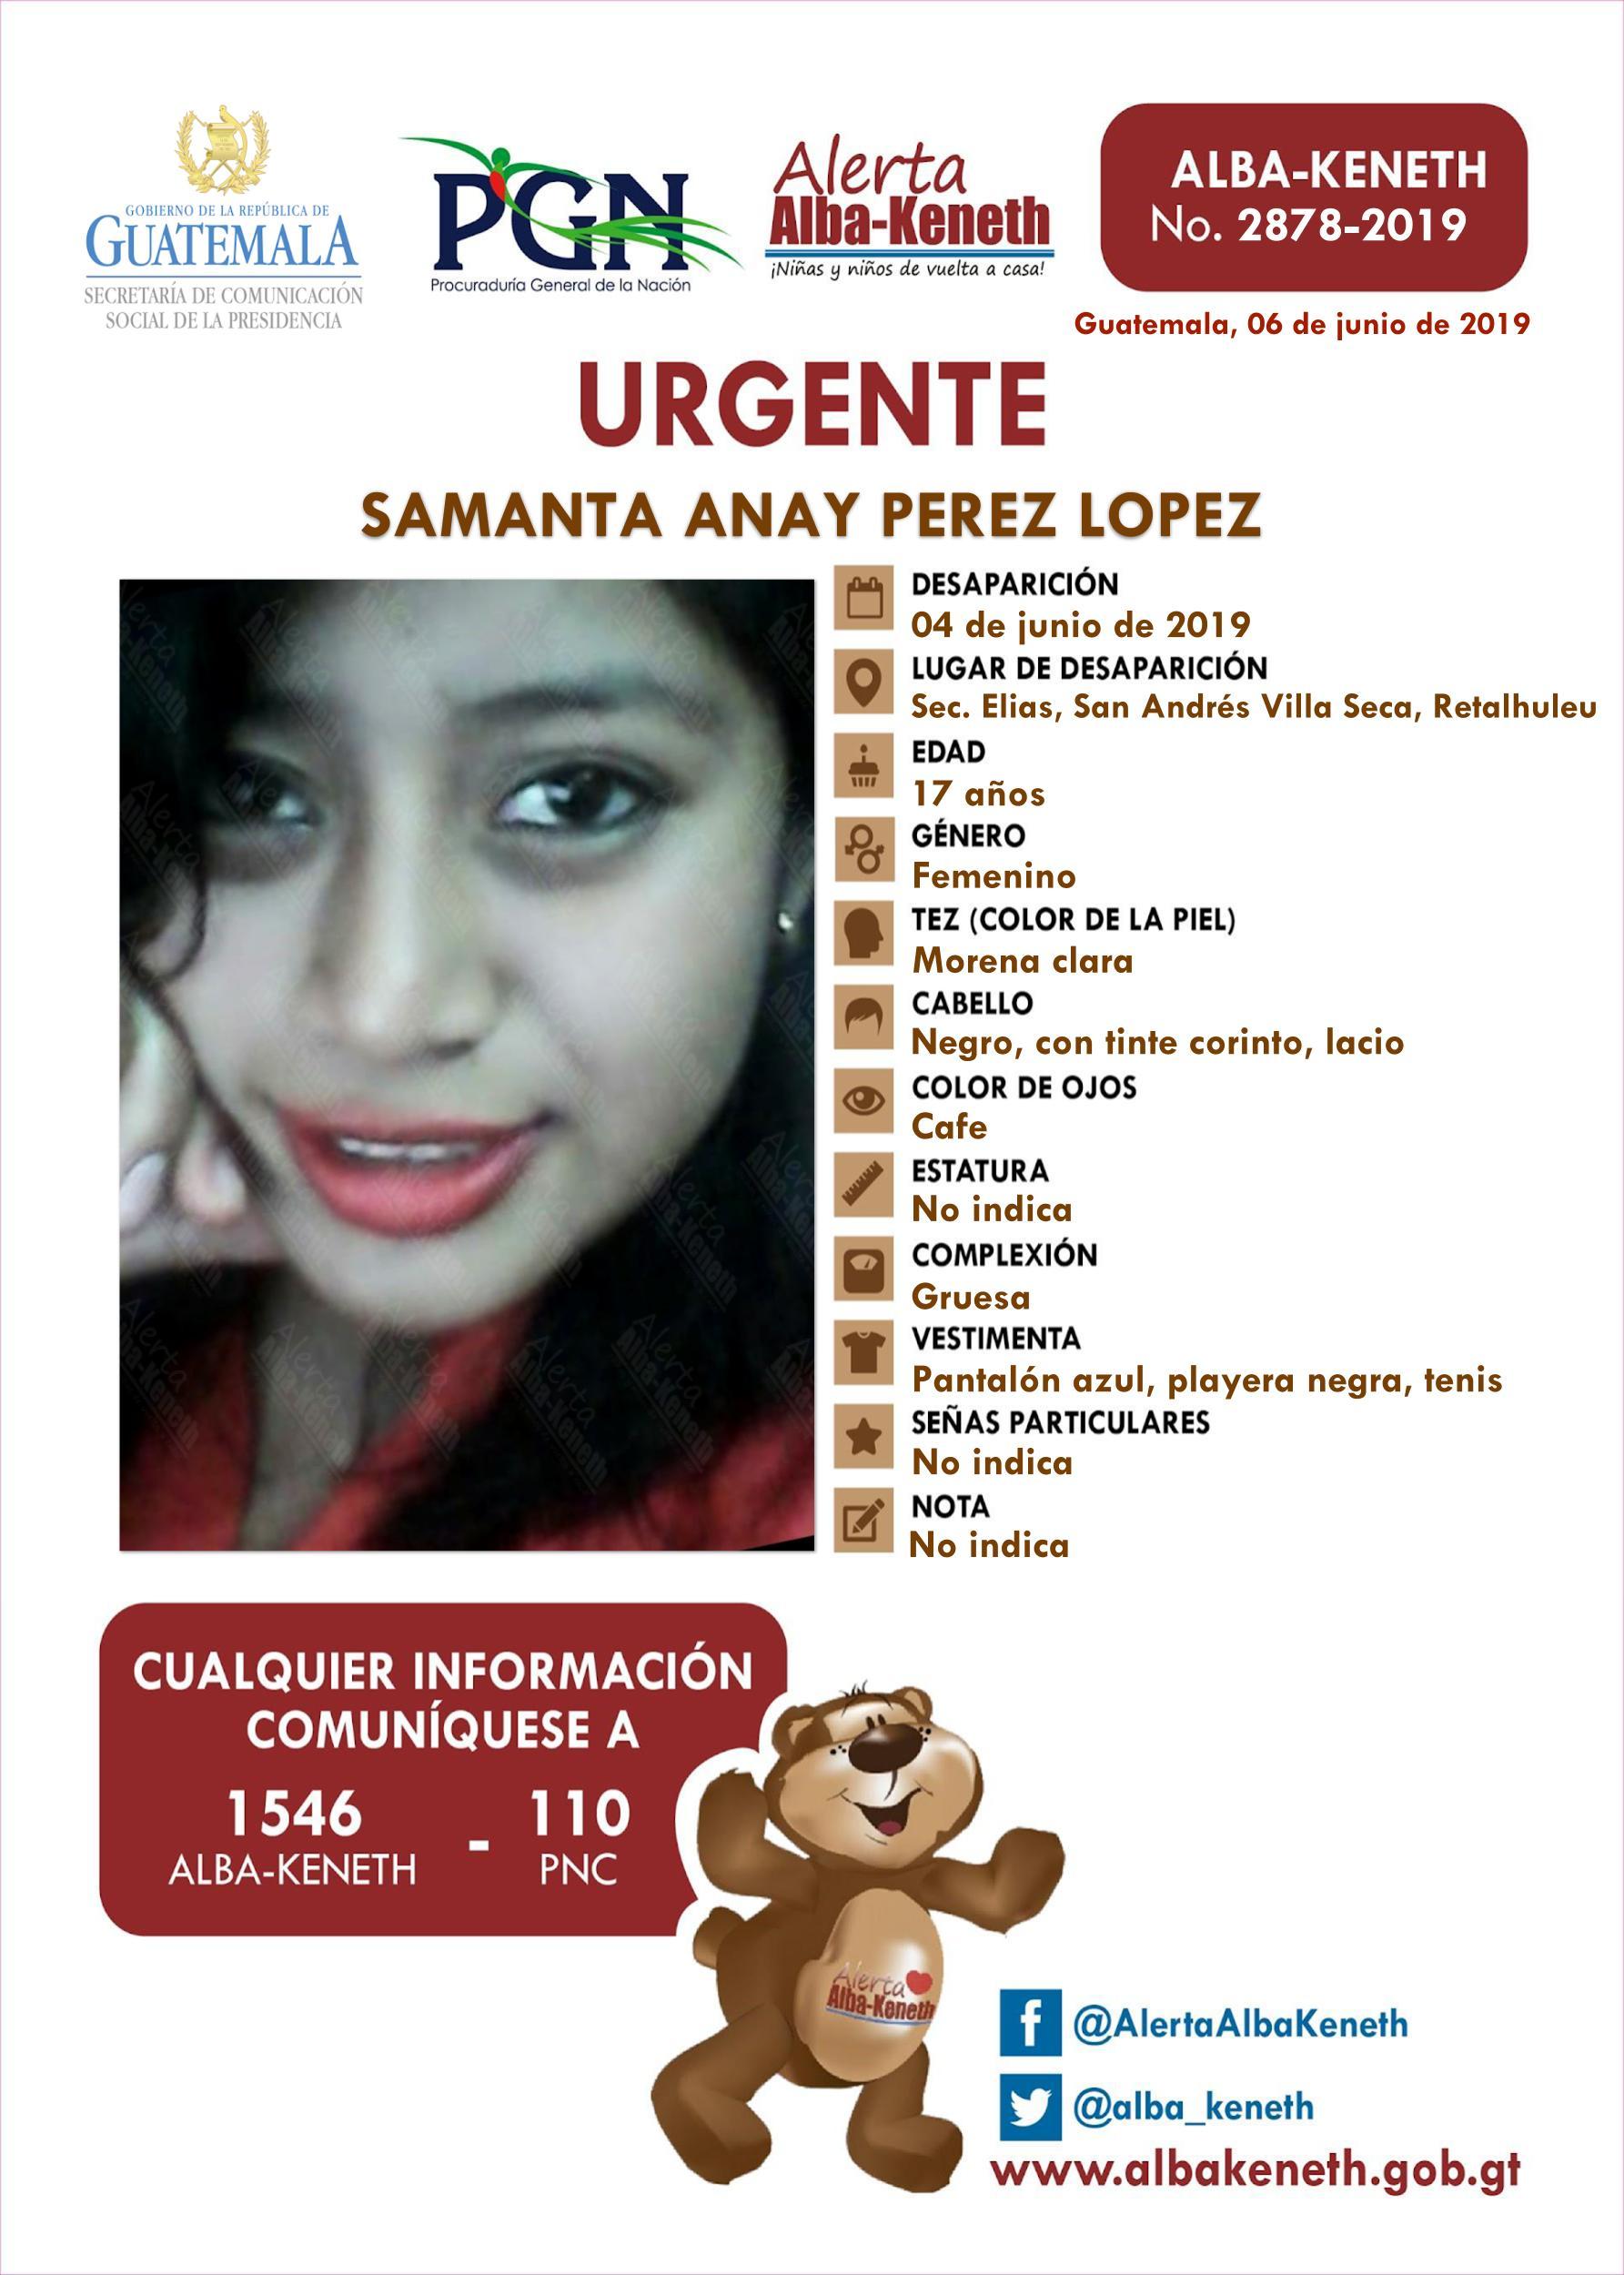 Samanta Anay Perez Lopez